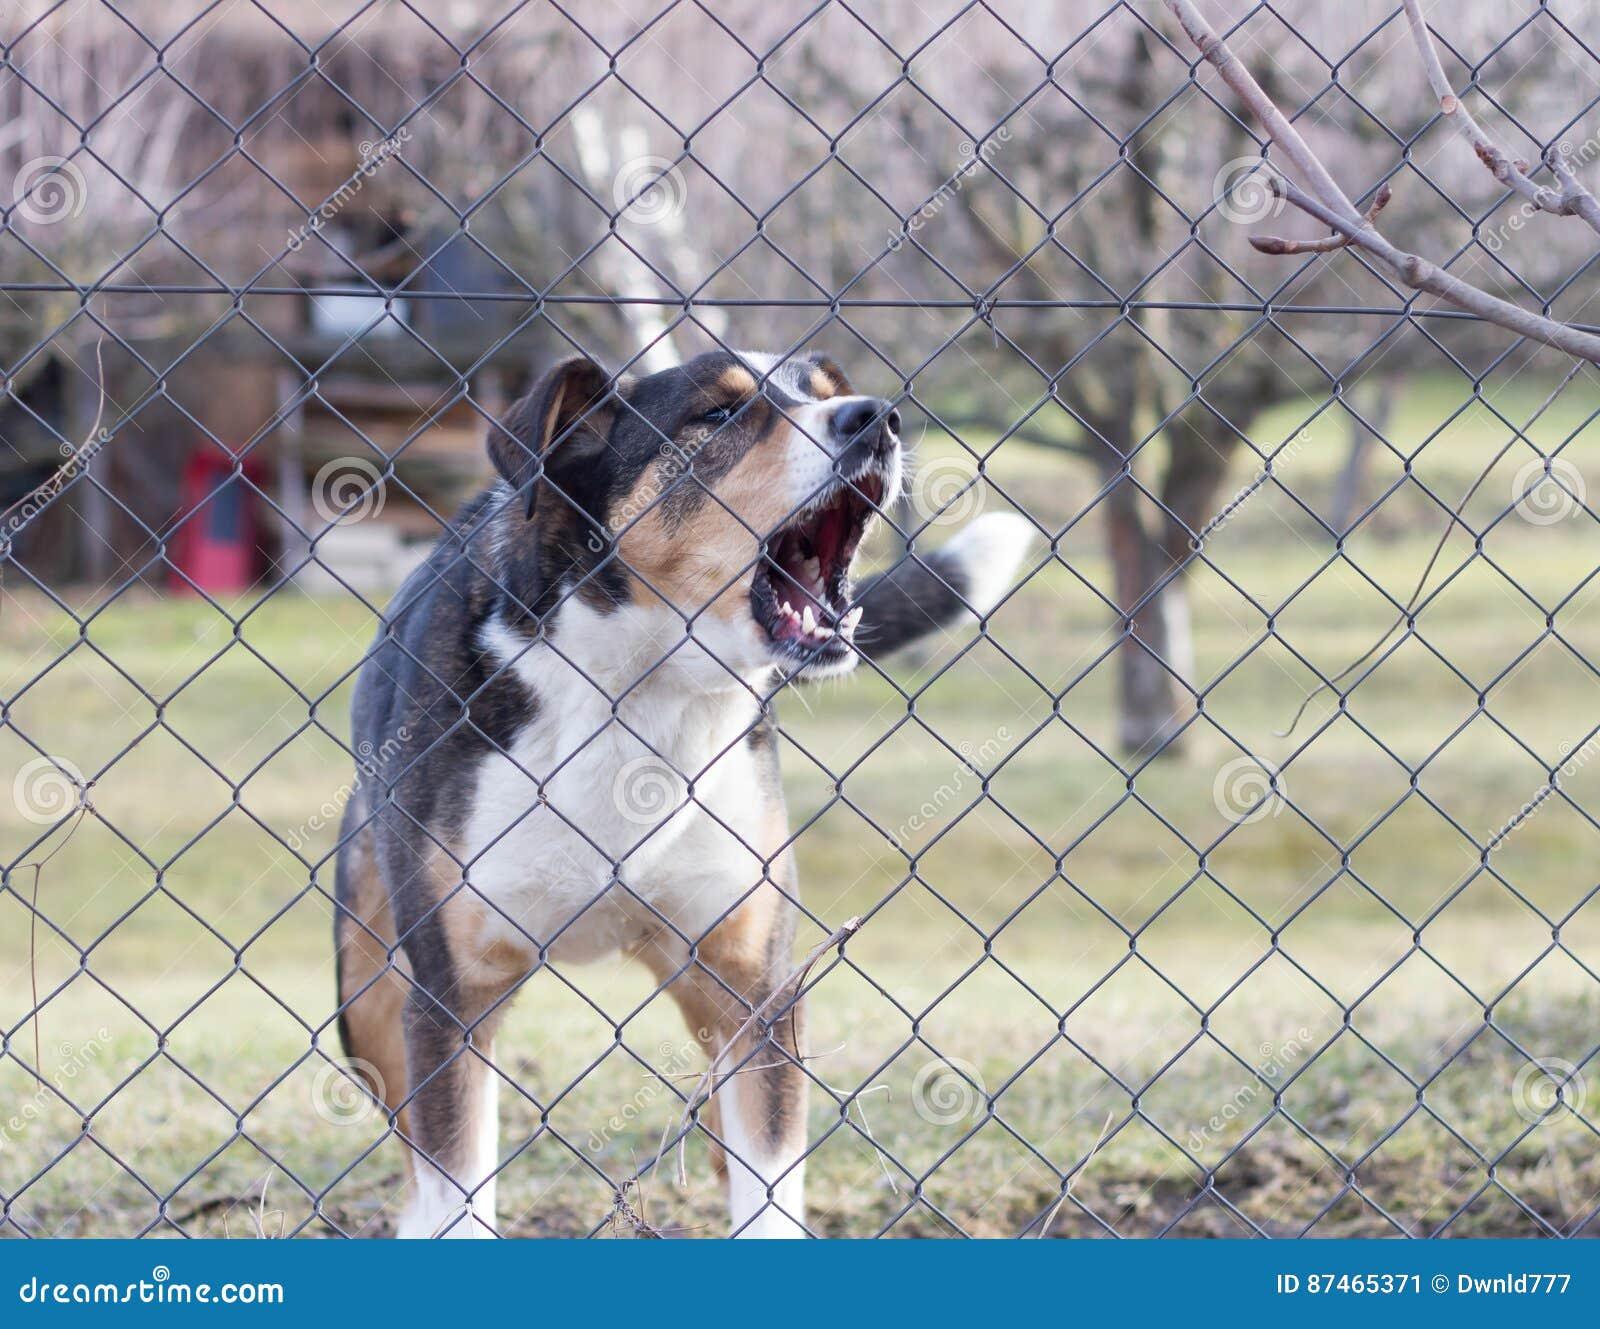 Cane aggressivo di scortecciamento dietro il recinto che custodice giardino